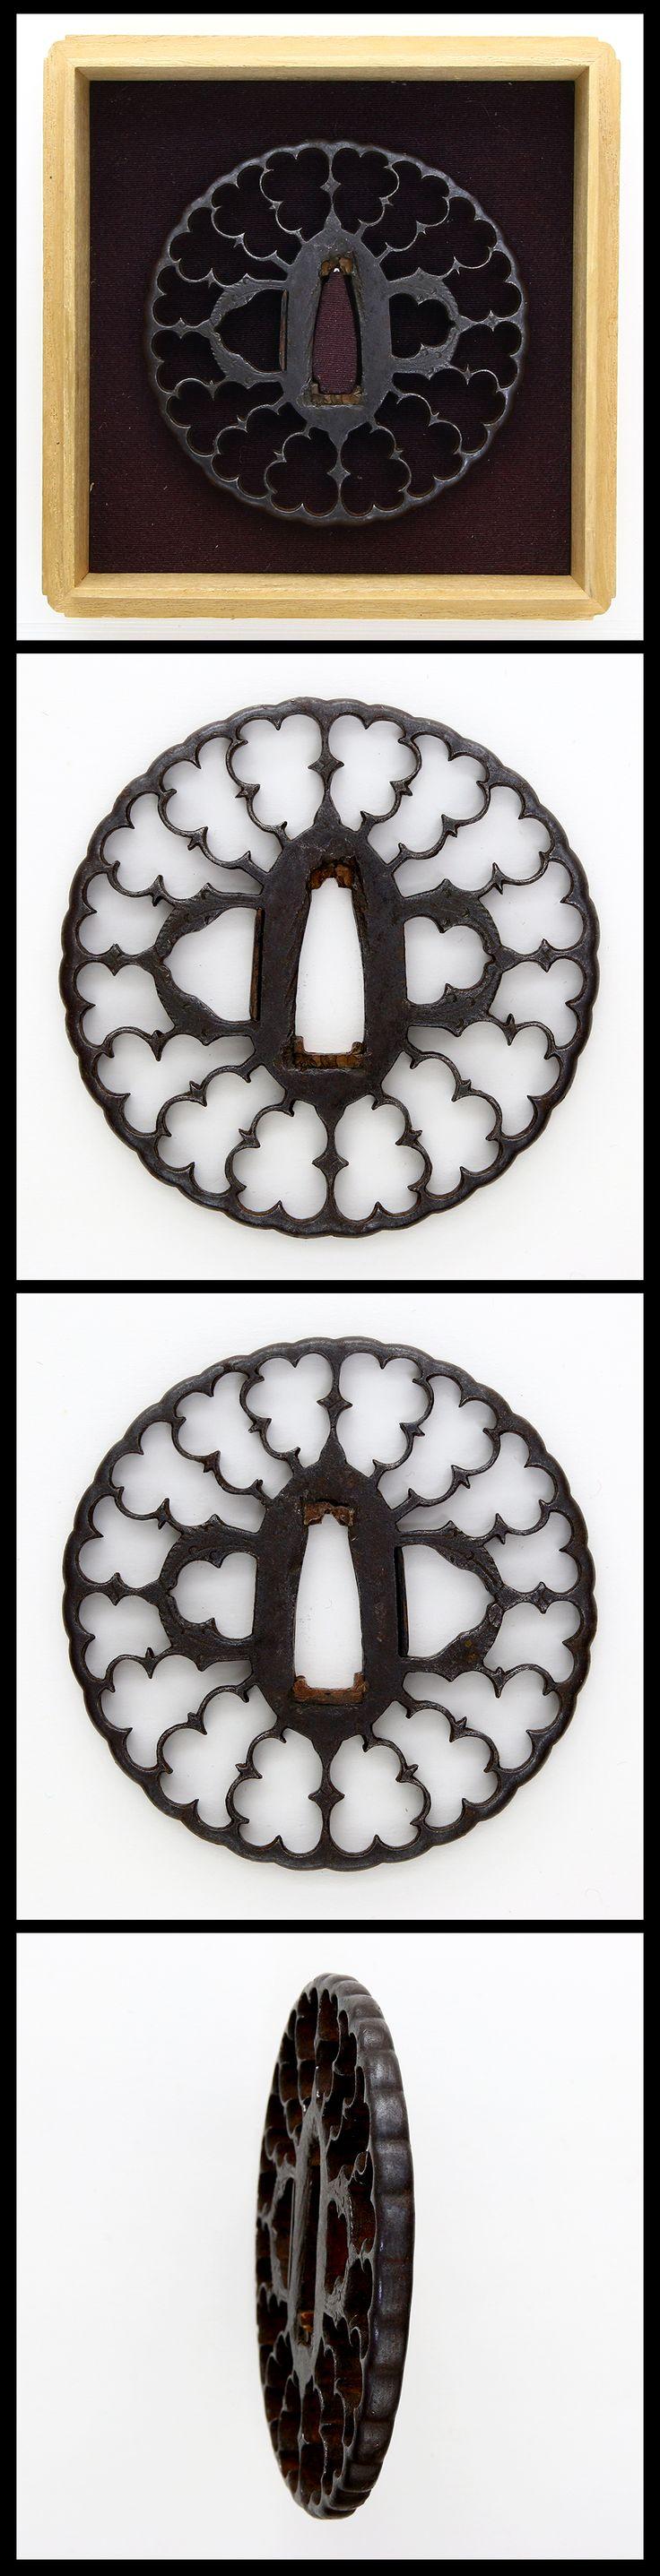 Edo Unmon-Ashi-Gari-Zu engraved openwork on Tate style round iron Tsuba.